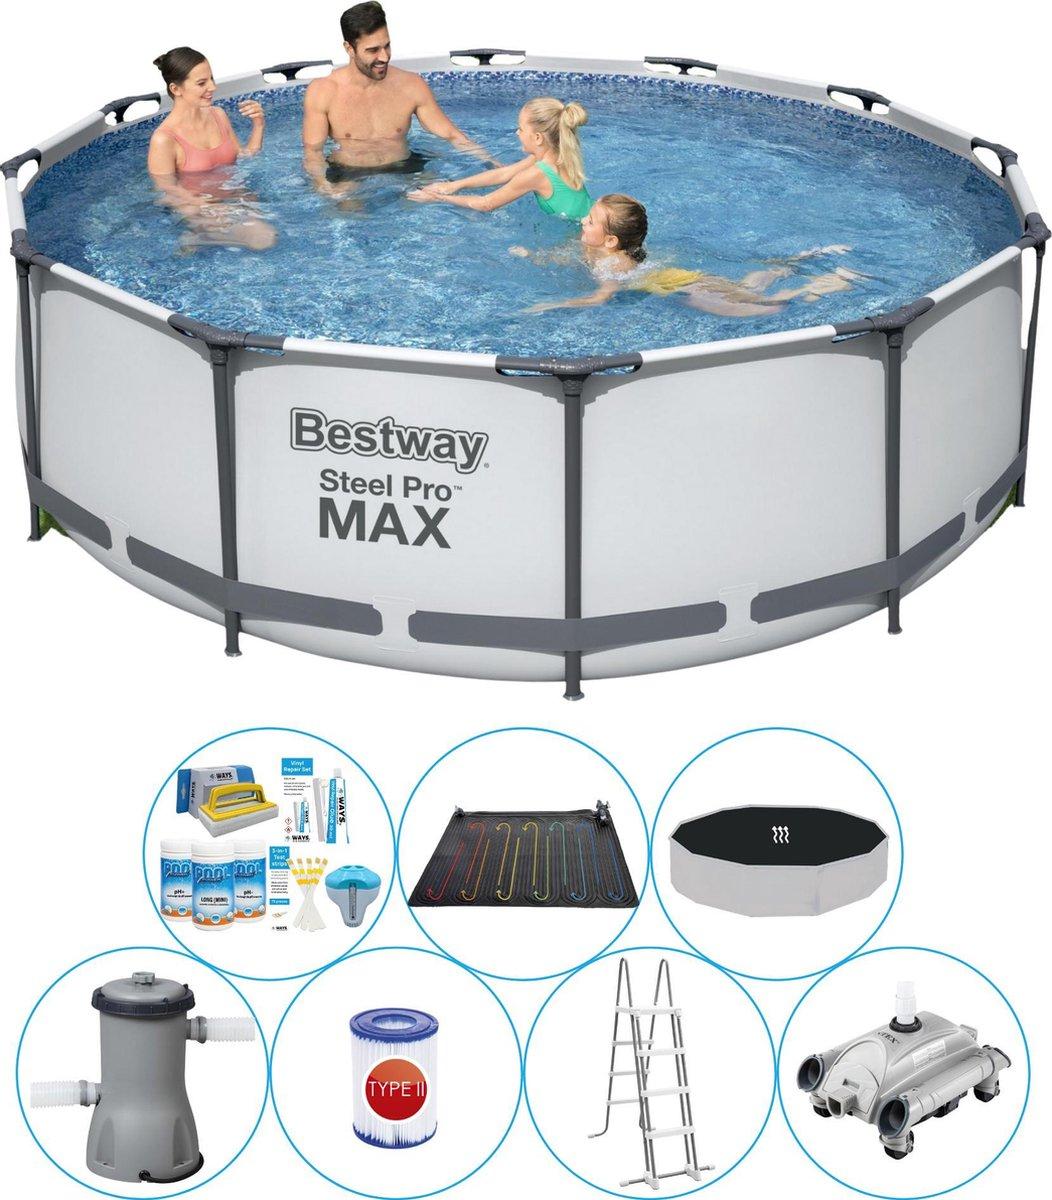 Zwembad Inclusief Accessoires - Bestway Steel Pro MAX Rond 366x100 cm